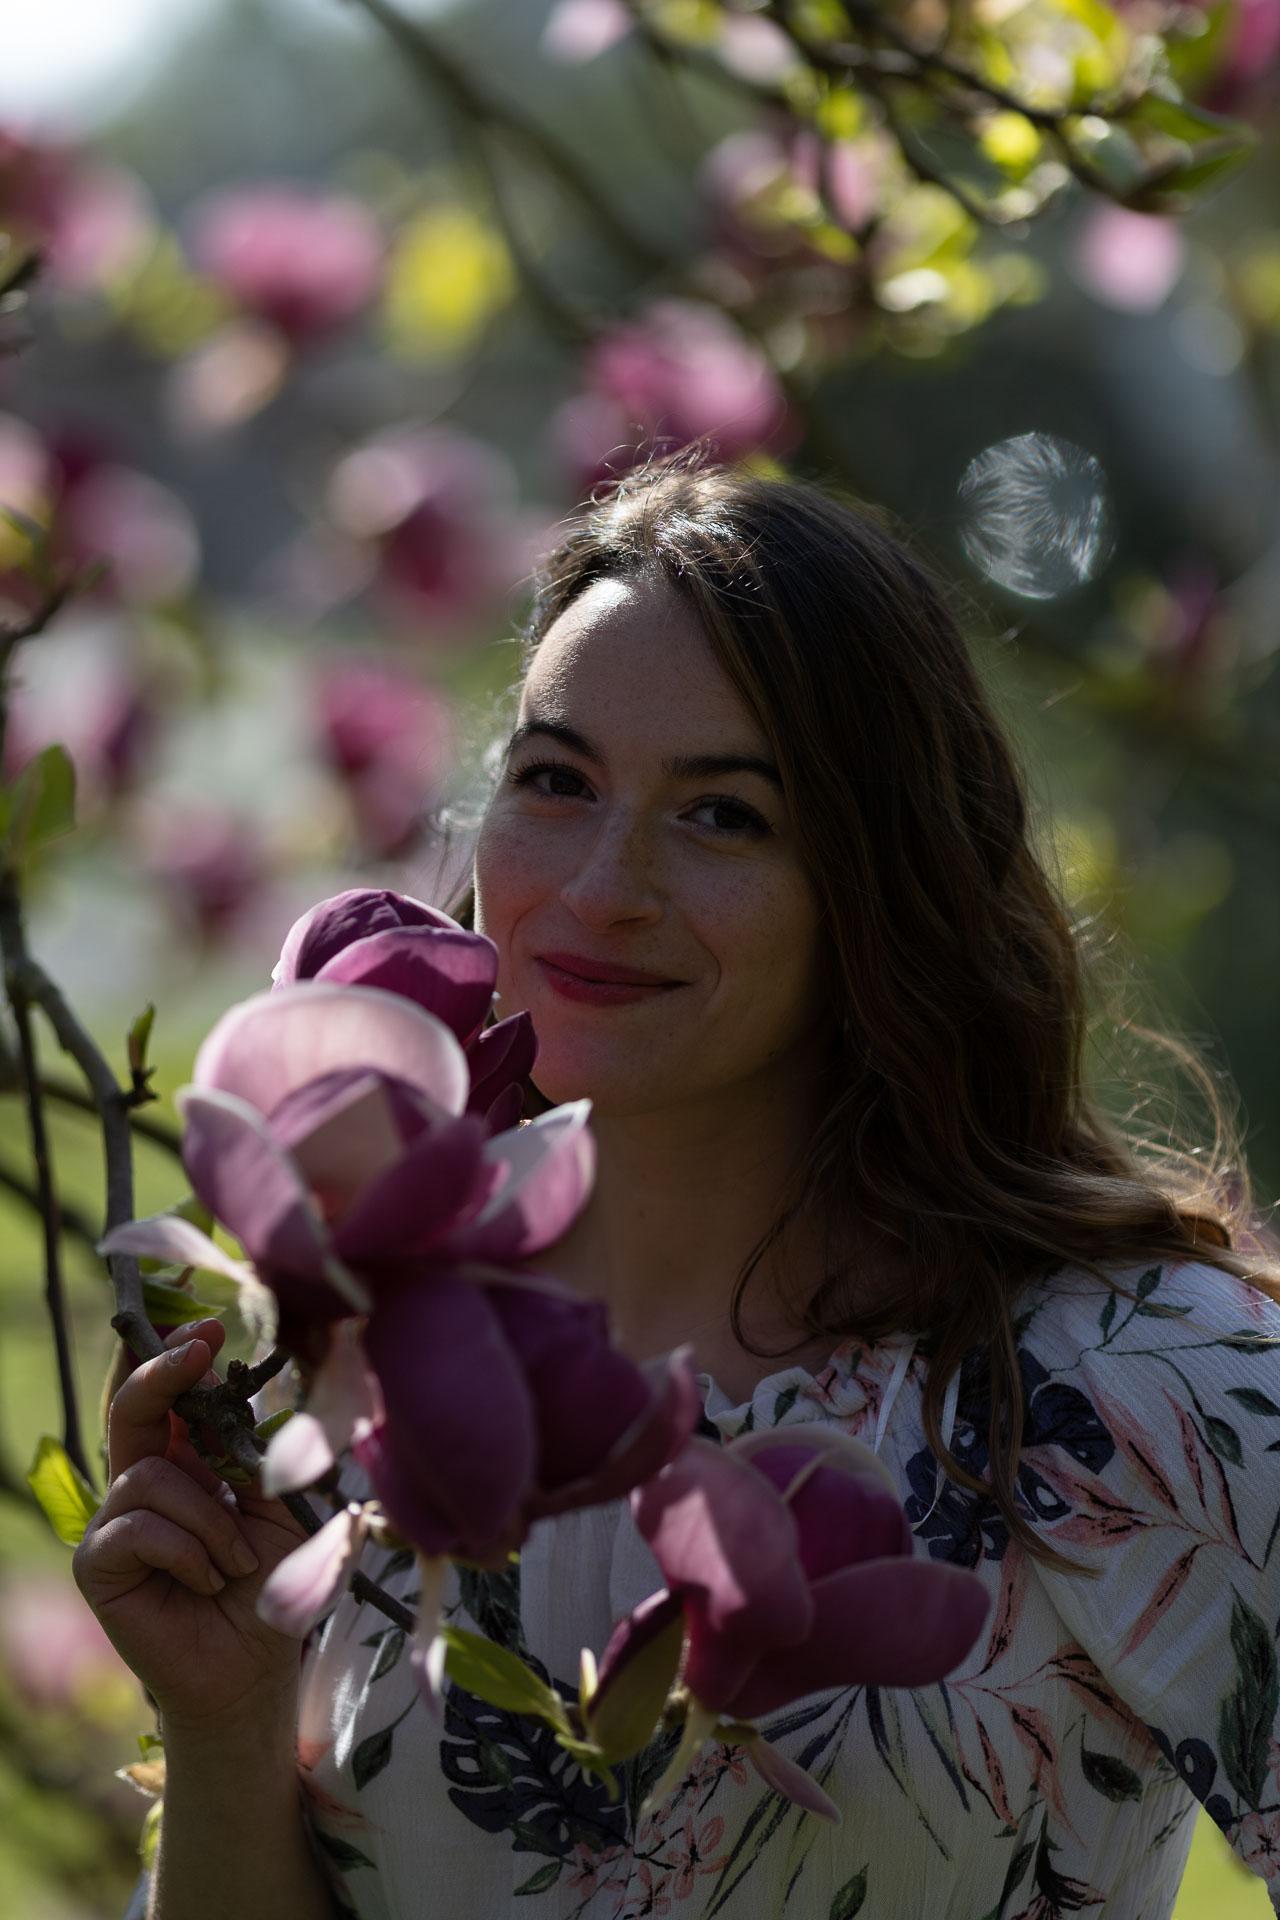 portrait avant retouche d'une femme dans un magnolia